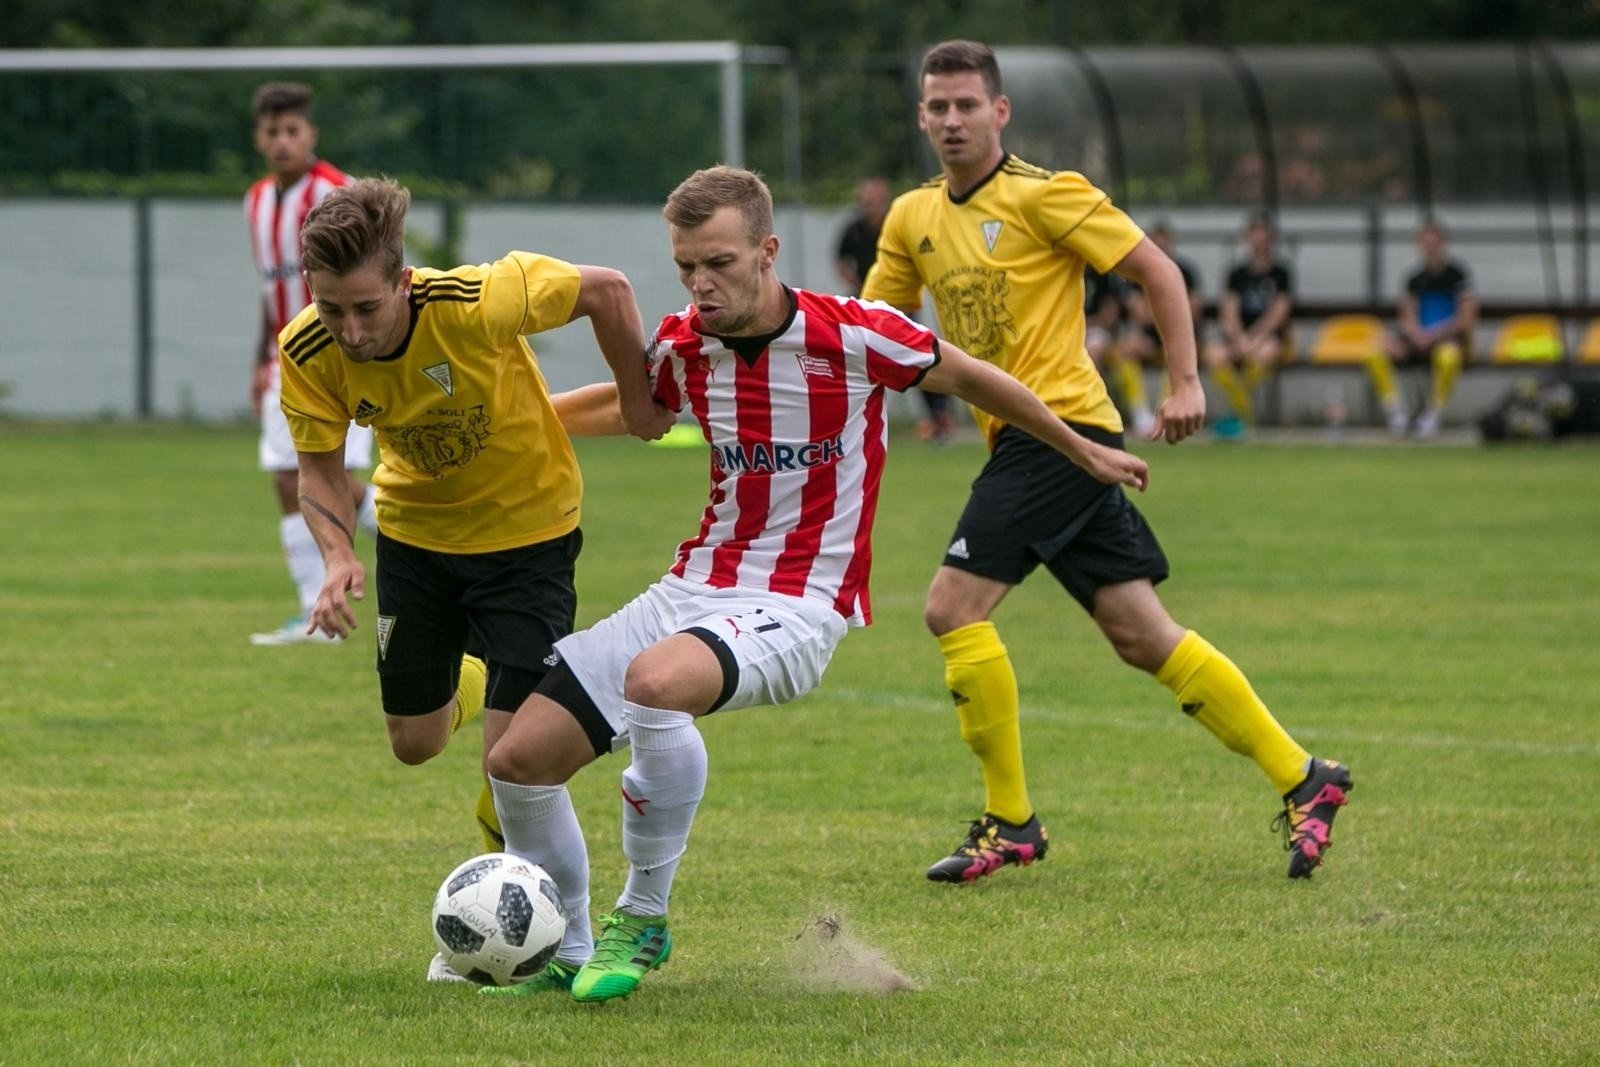 a8499b18e Jakub Serafin zadebiutował w Cracovii w meczu sparingowym z Górnikiem  Wieliczka